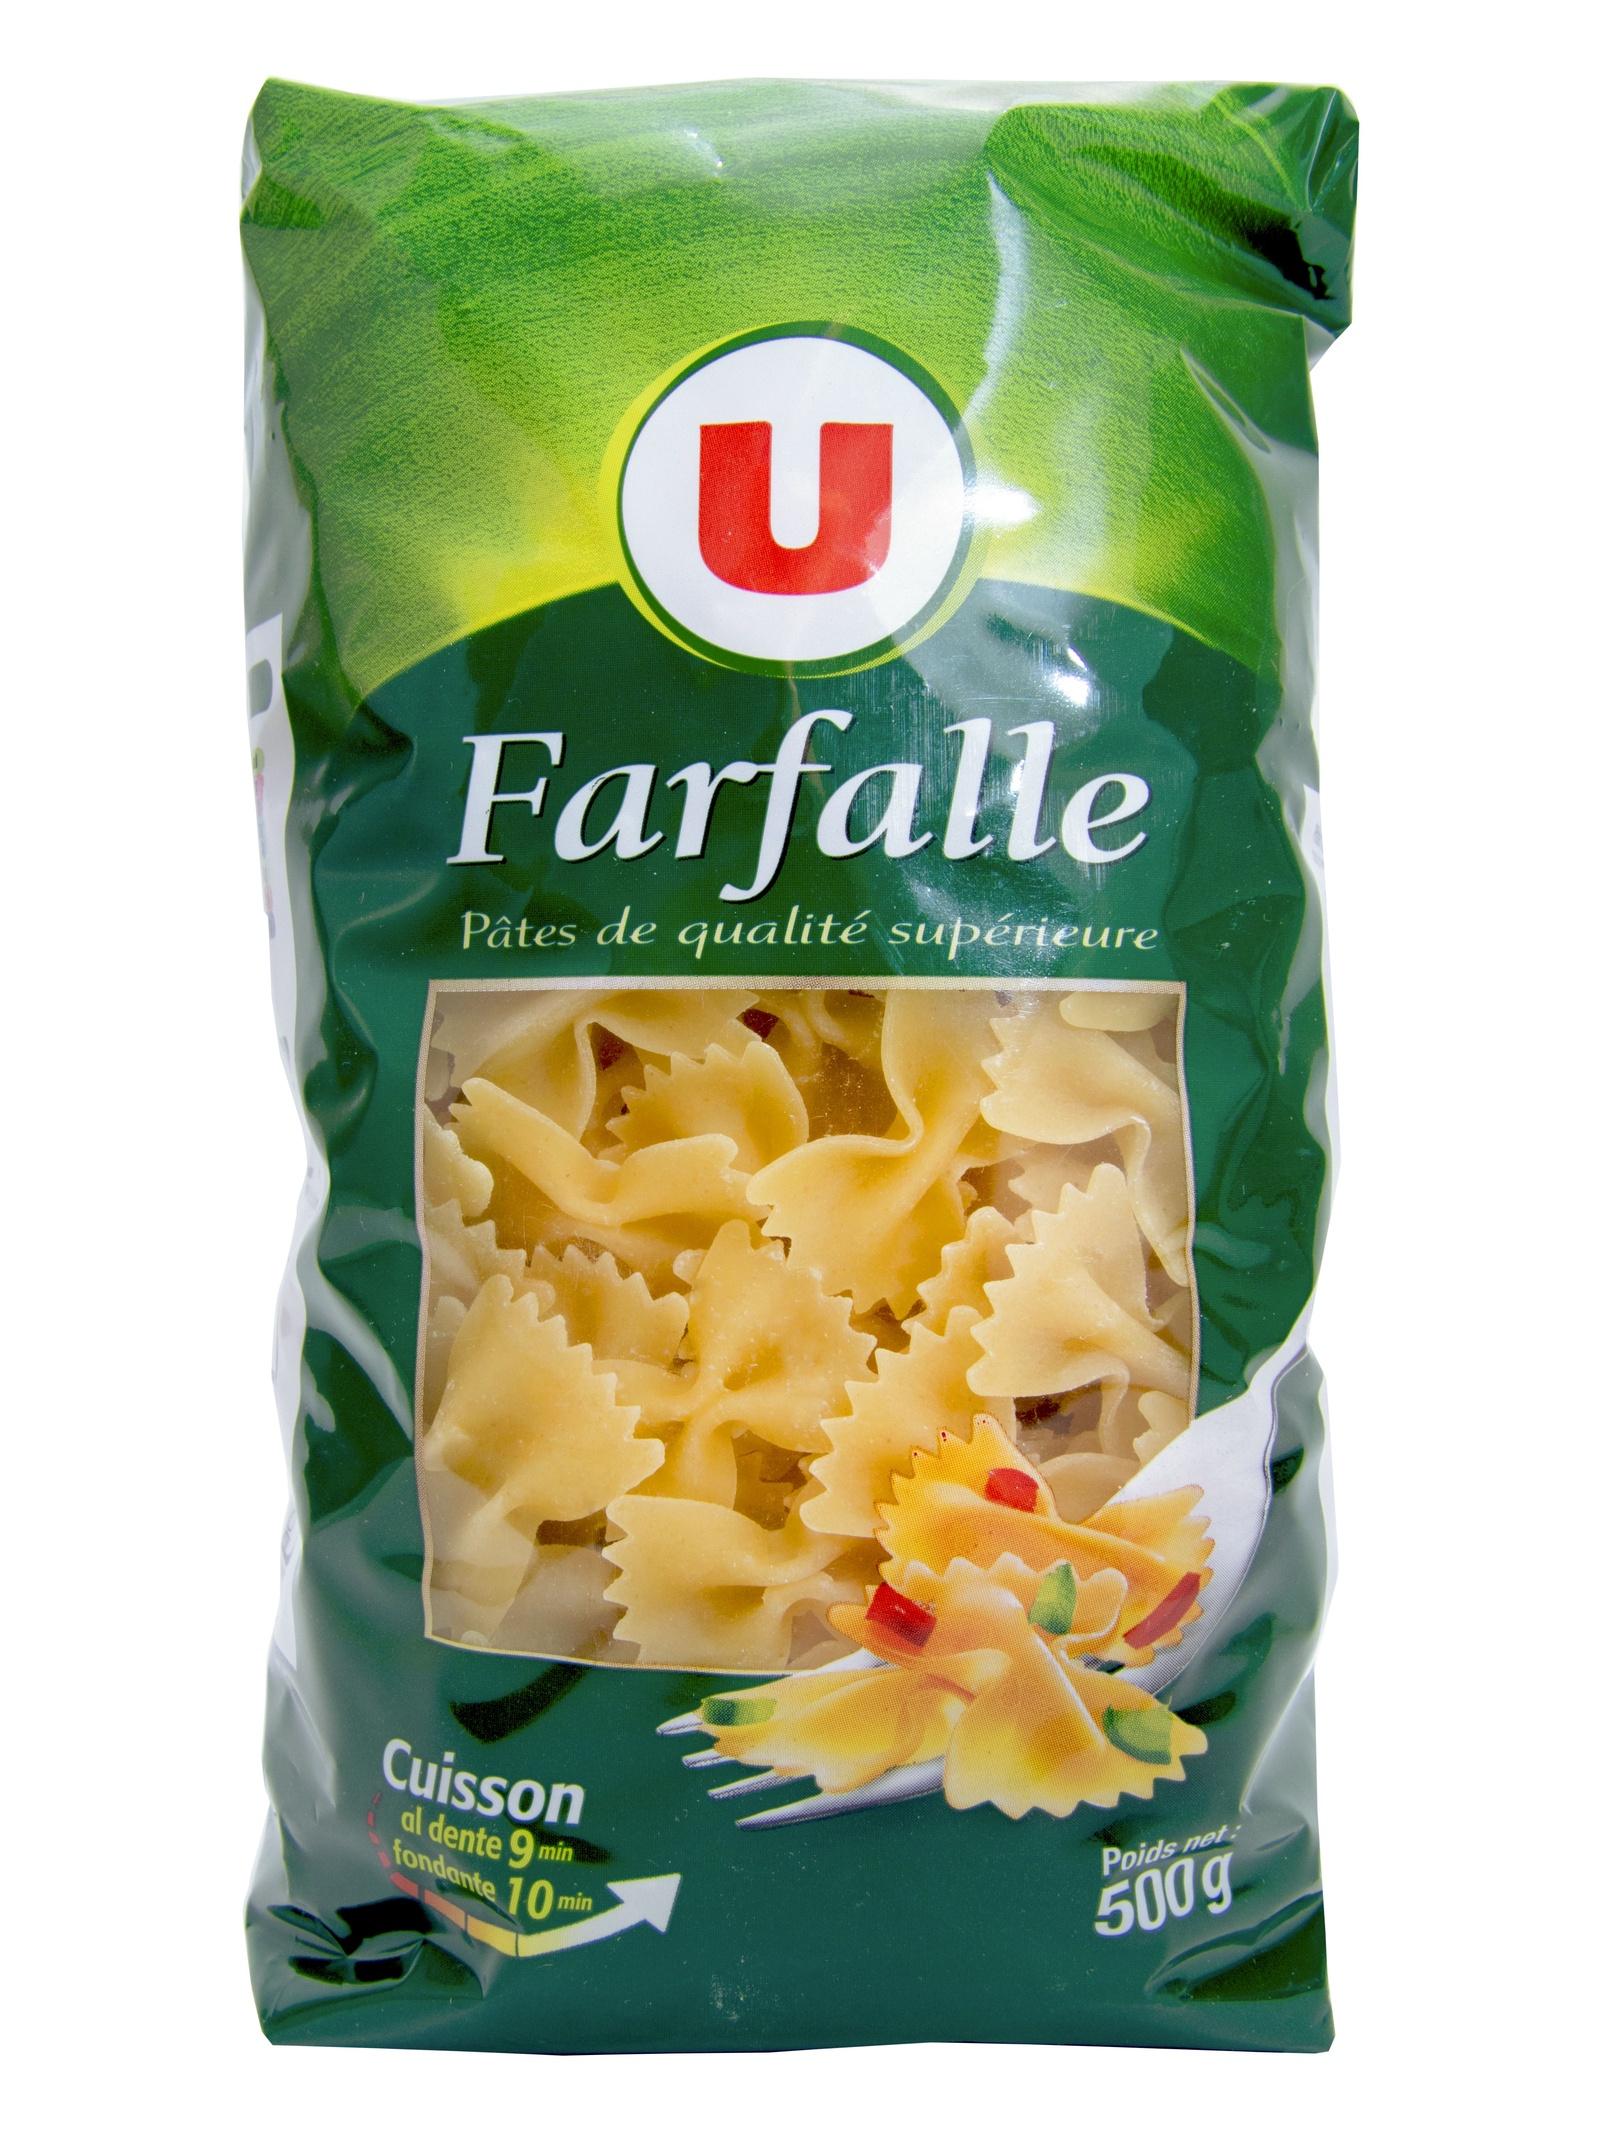 Макароны U Farfalle фарфалле бабочки из пшеничной муки из твердых сортов пшеницы, 500 г., Франция rummo casarecce 88 паста 500 г